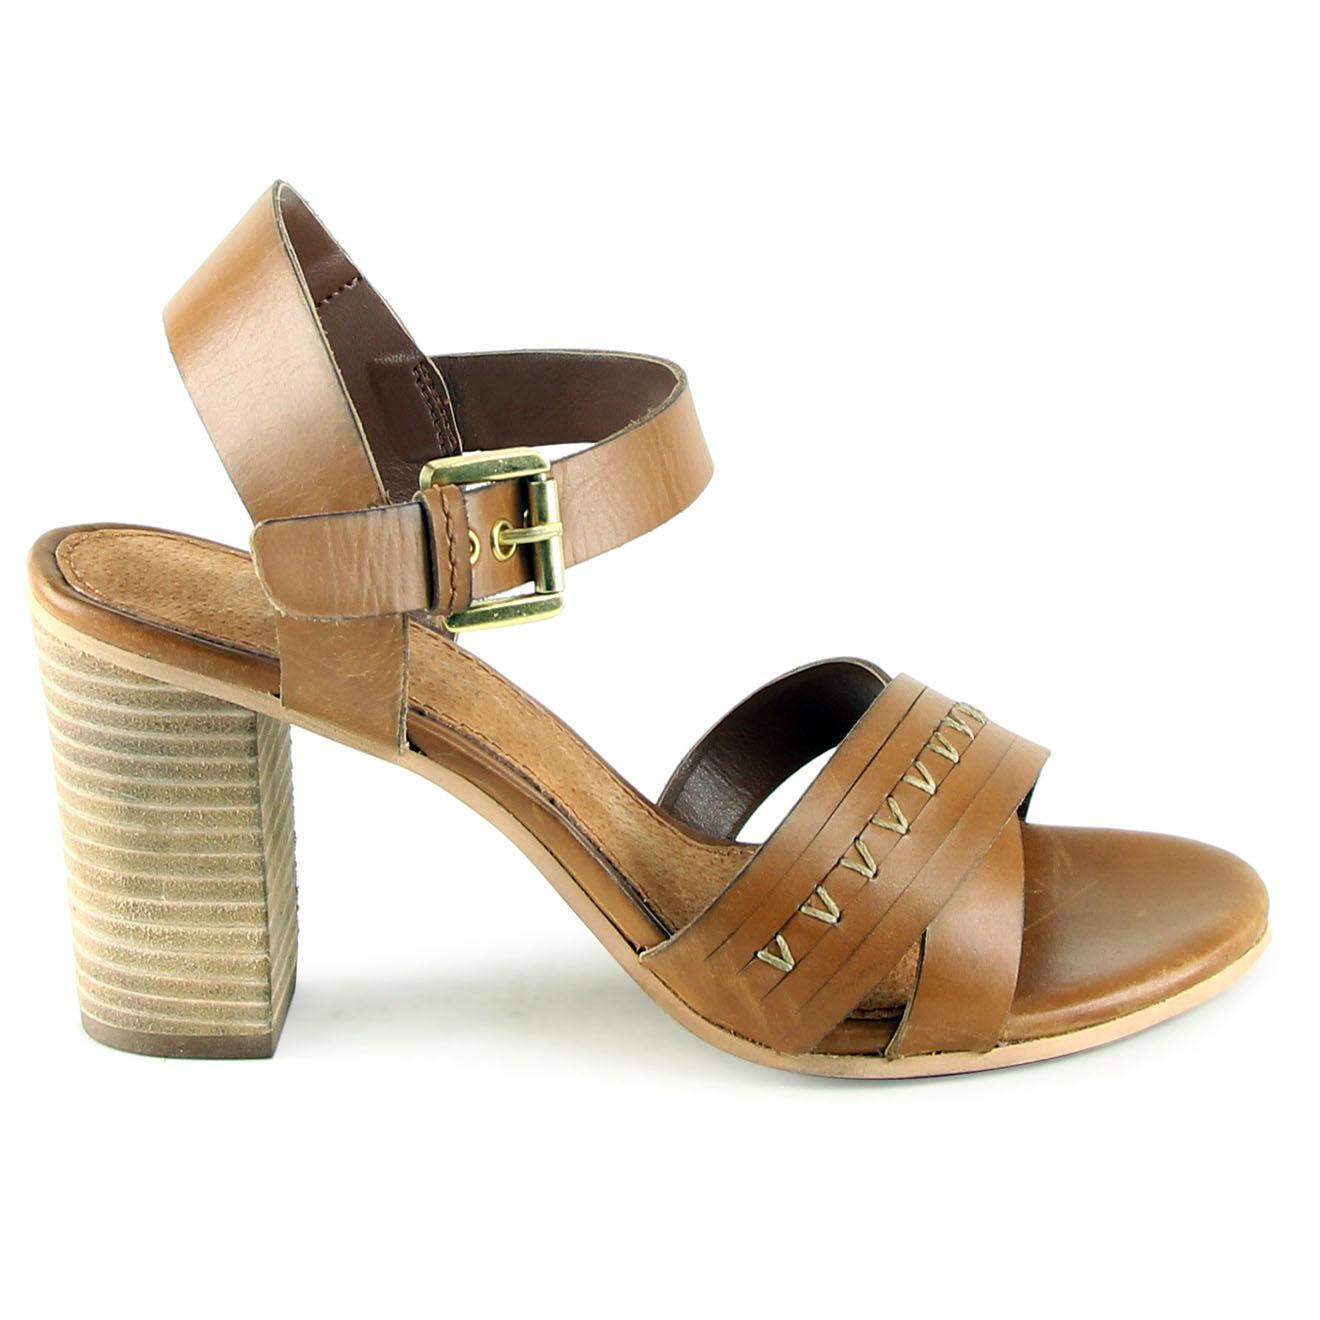 Sandales en Cuir Camille camel Talon 8.5 cm